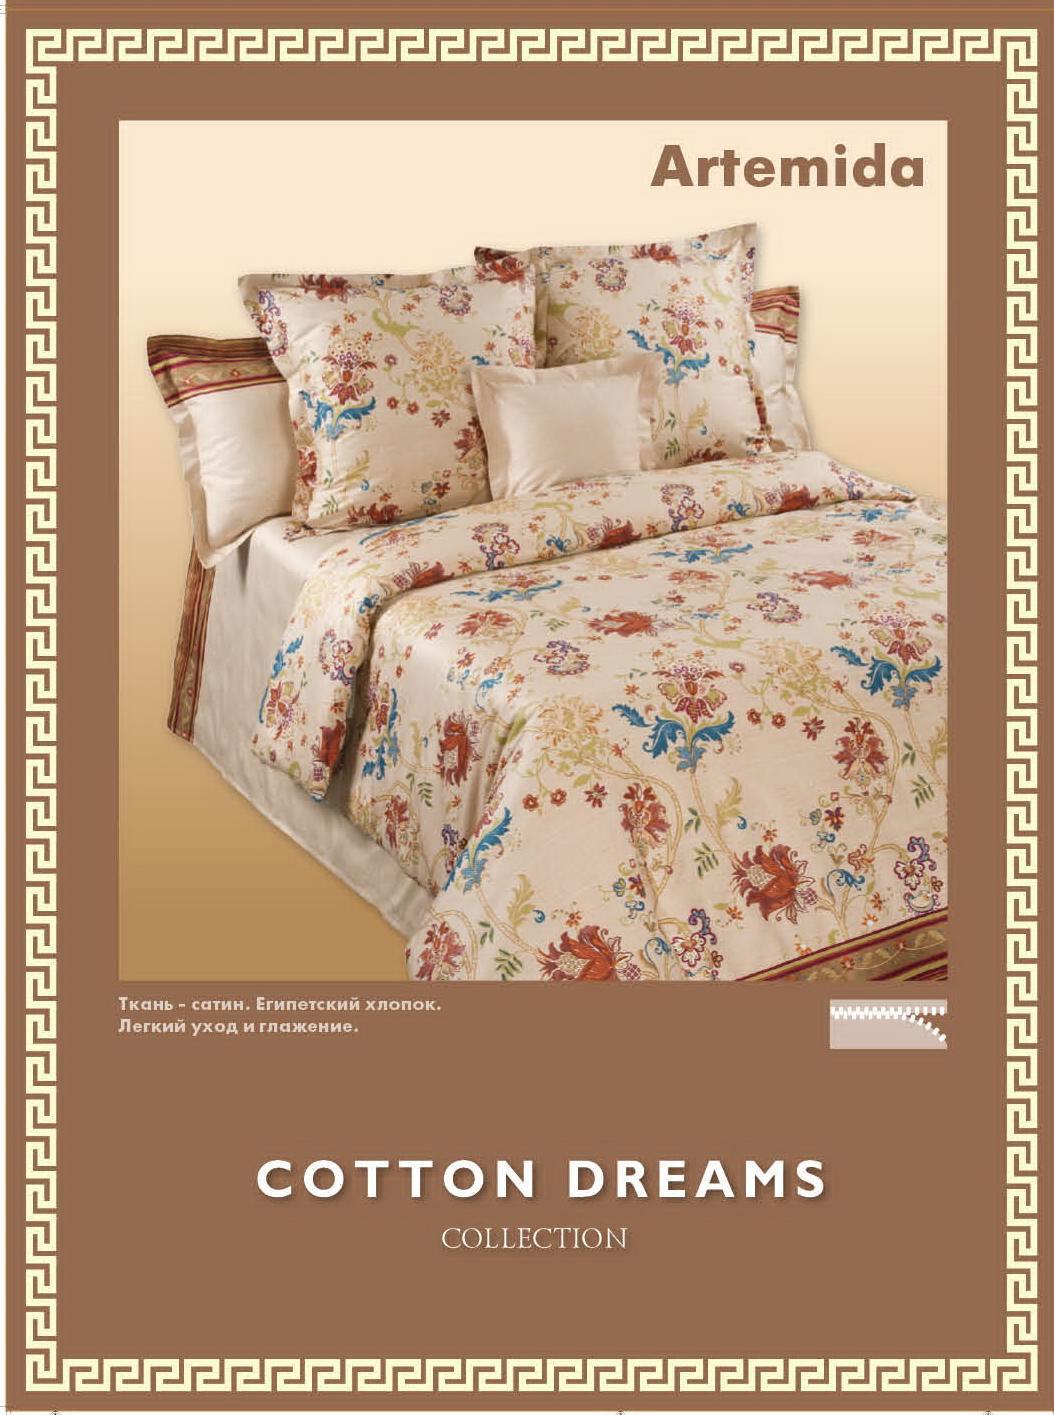 Cotton-Dreams представляет новый дизайн Artemida